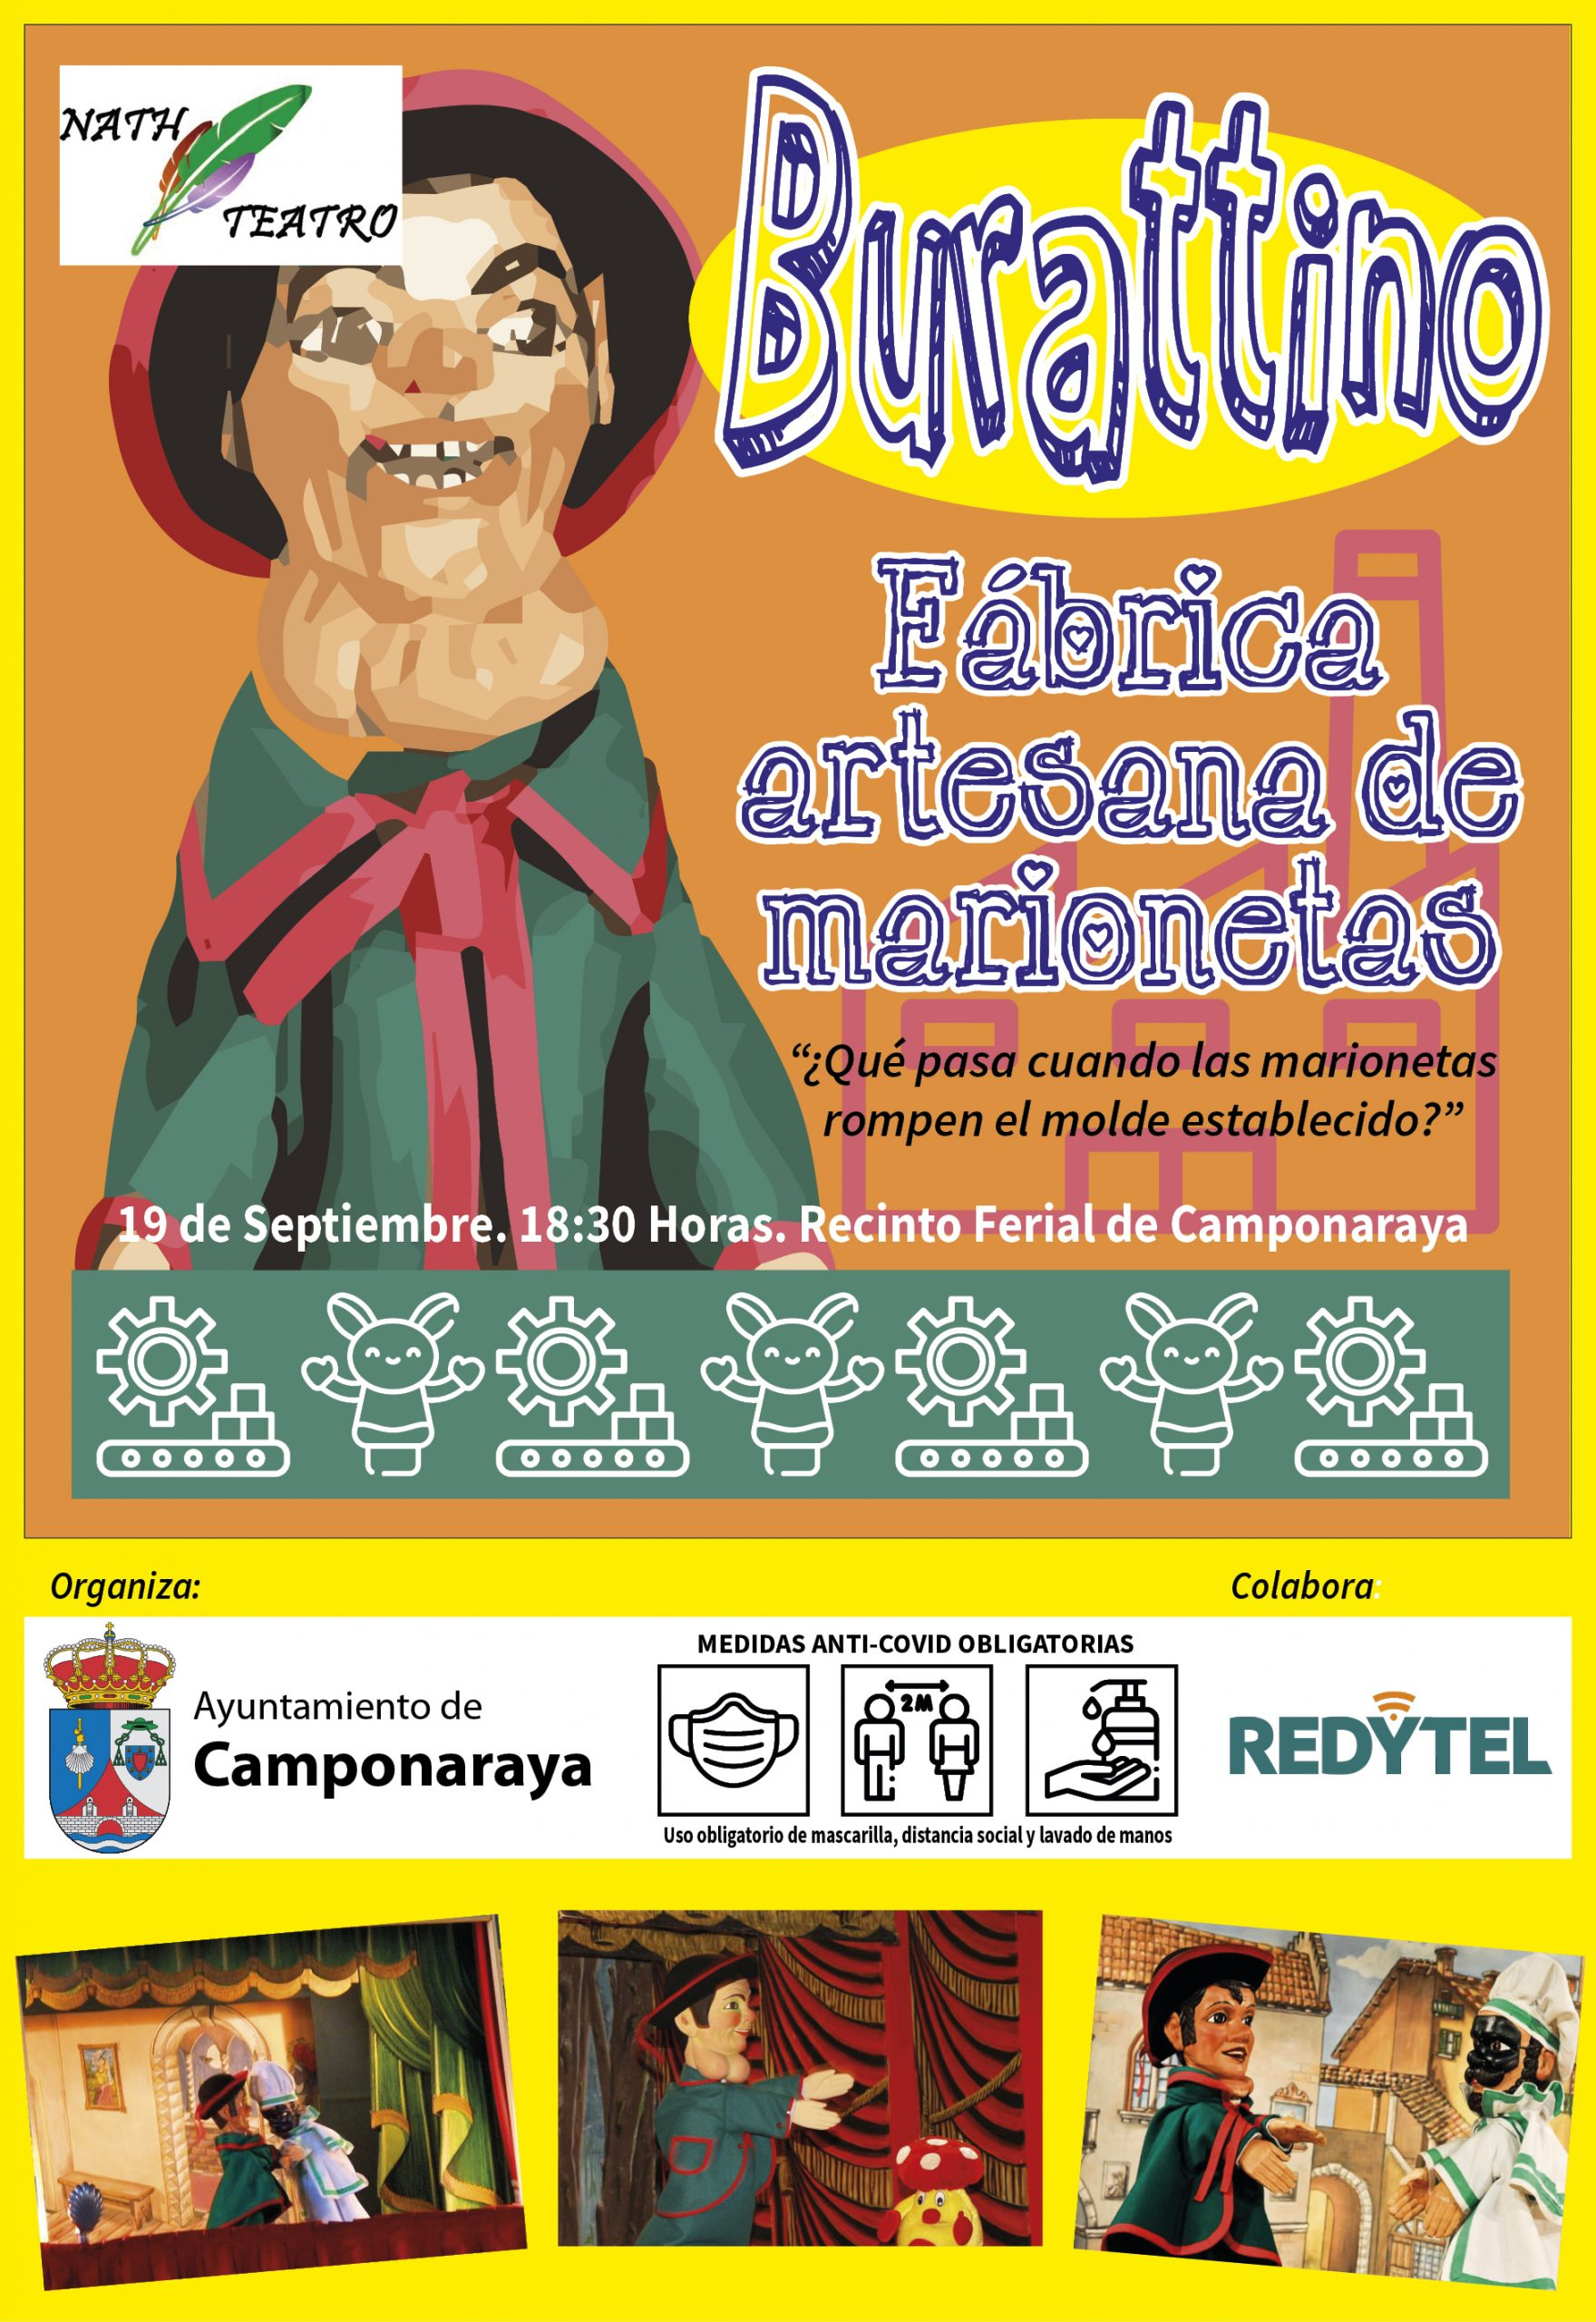 """Nath teatro presenta este fin de semana su obra """"Burattino, Fábrica internacional de marionetas"""" en bembibre y Camponaraya 3"""